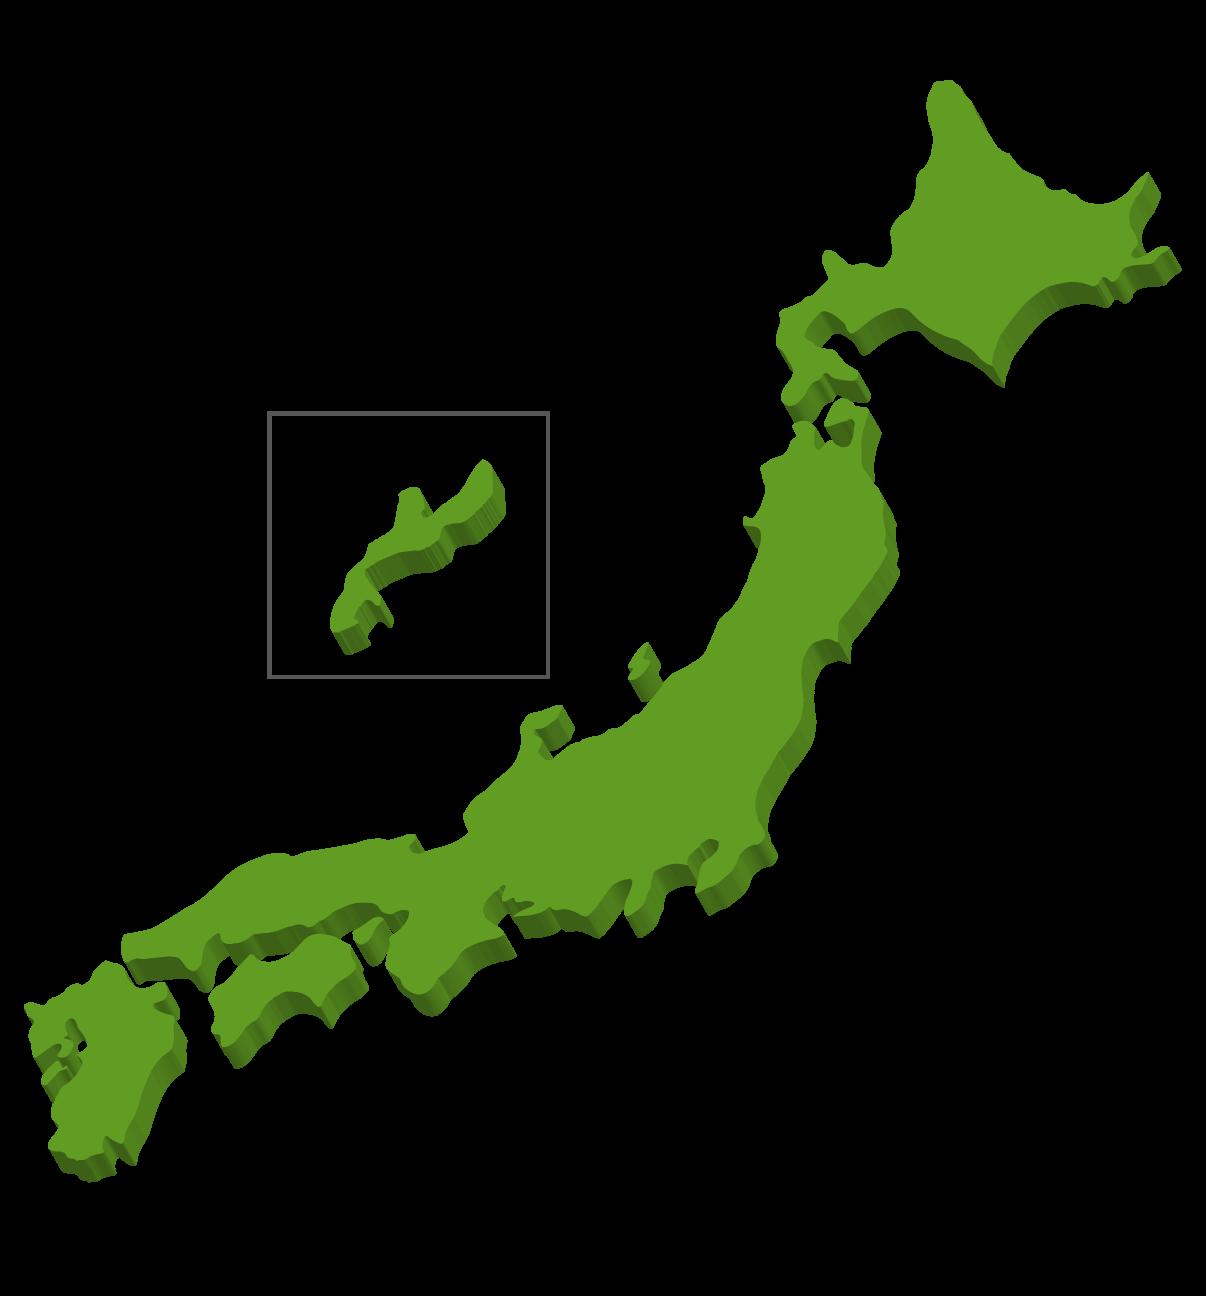 立体的な日本地図のイラスト